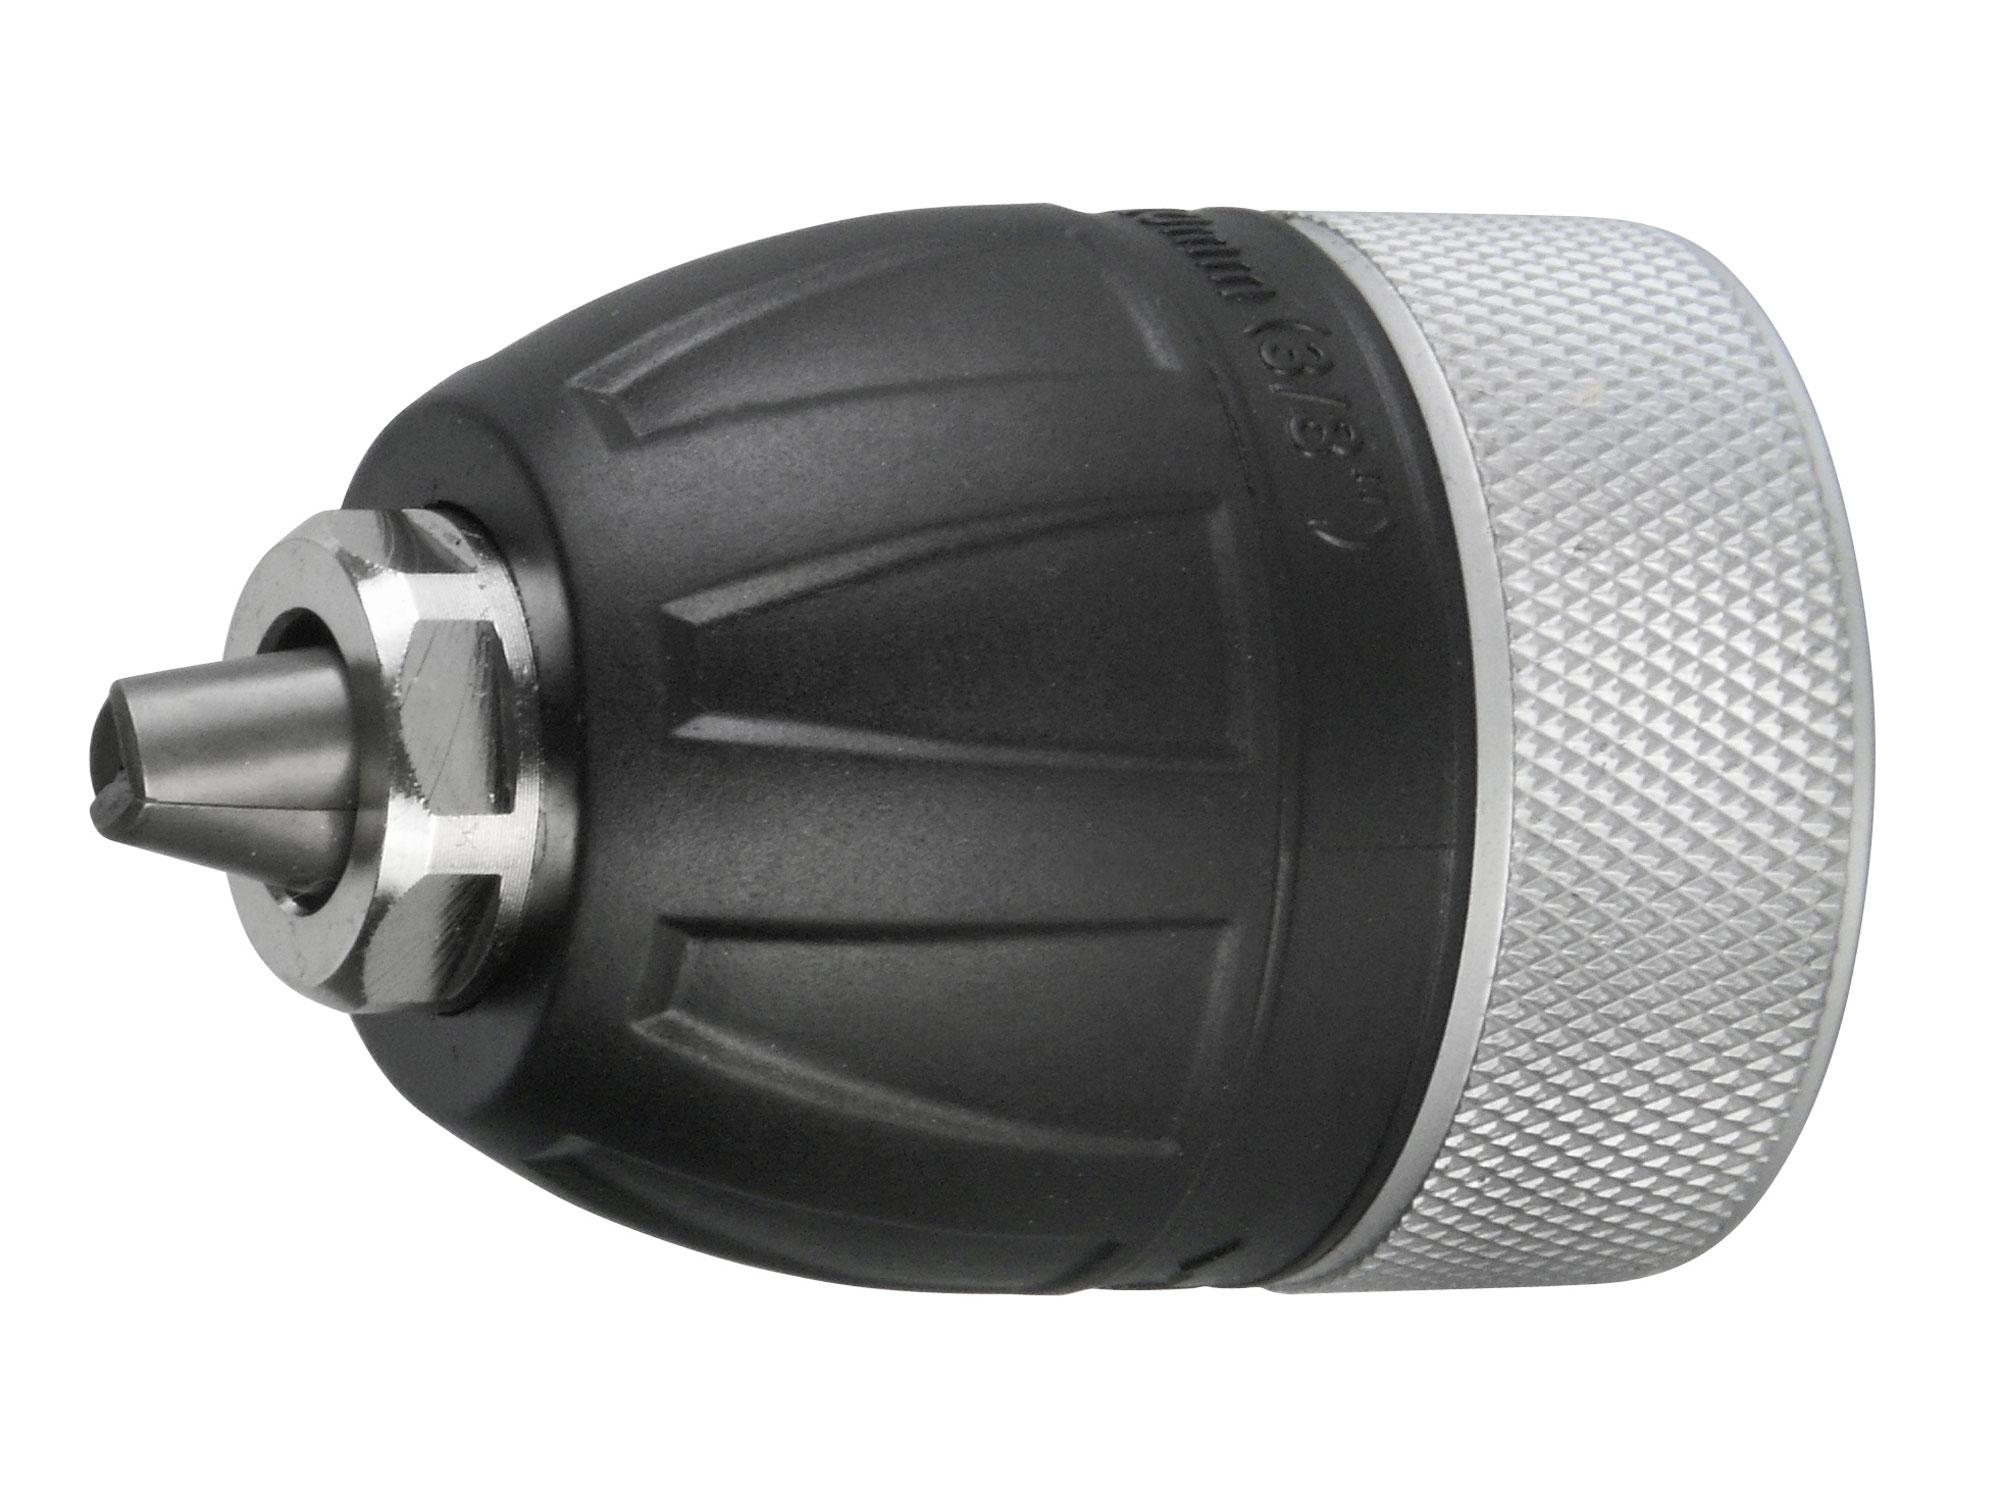 hlava rychloupínací sklíčidlová, 0,8-10mm